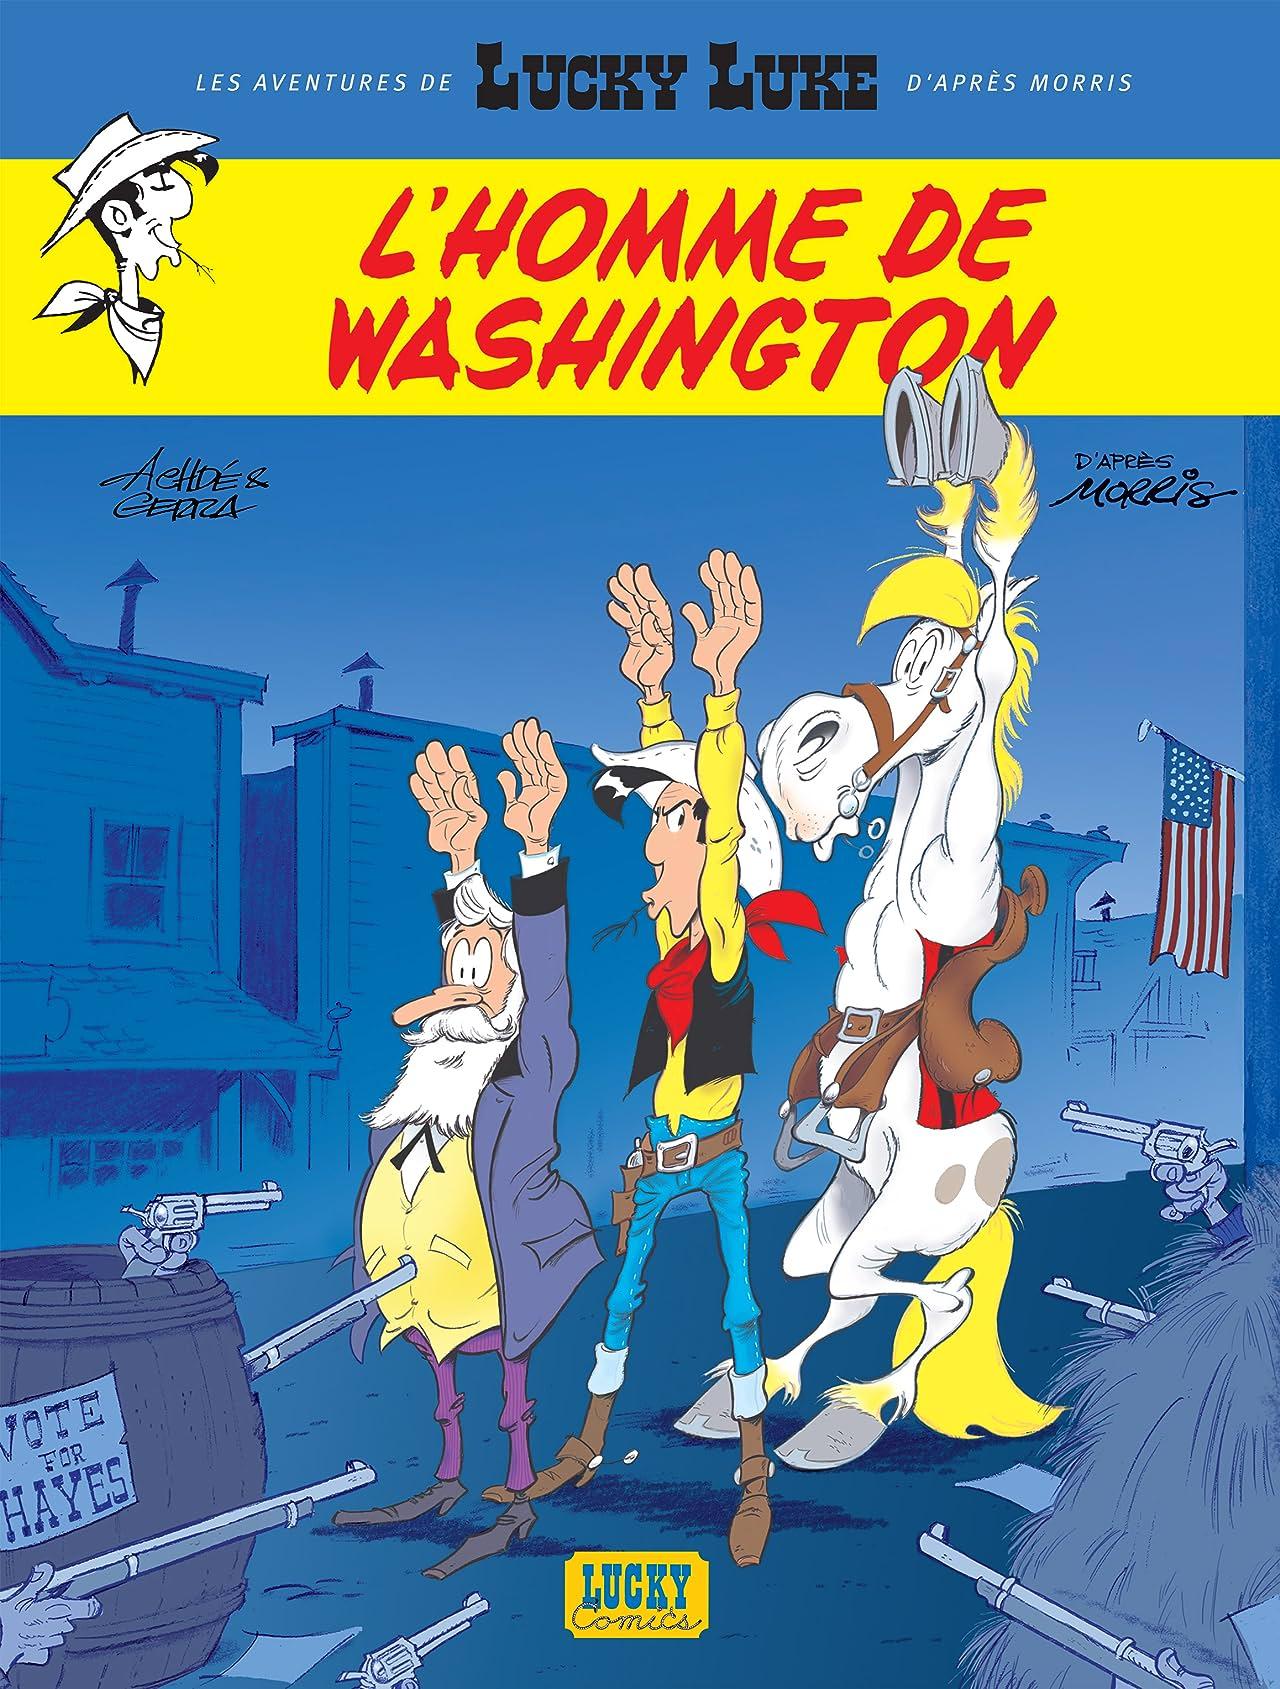 Les aventures de Lucky Luke d'après Morris Vol. 3: L'homme de Washington